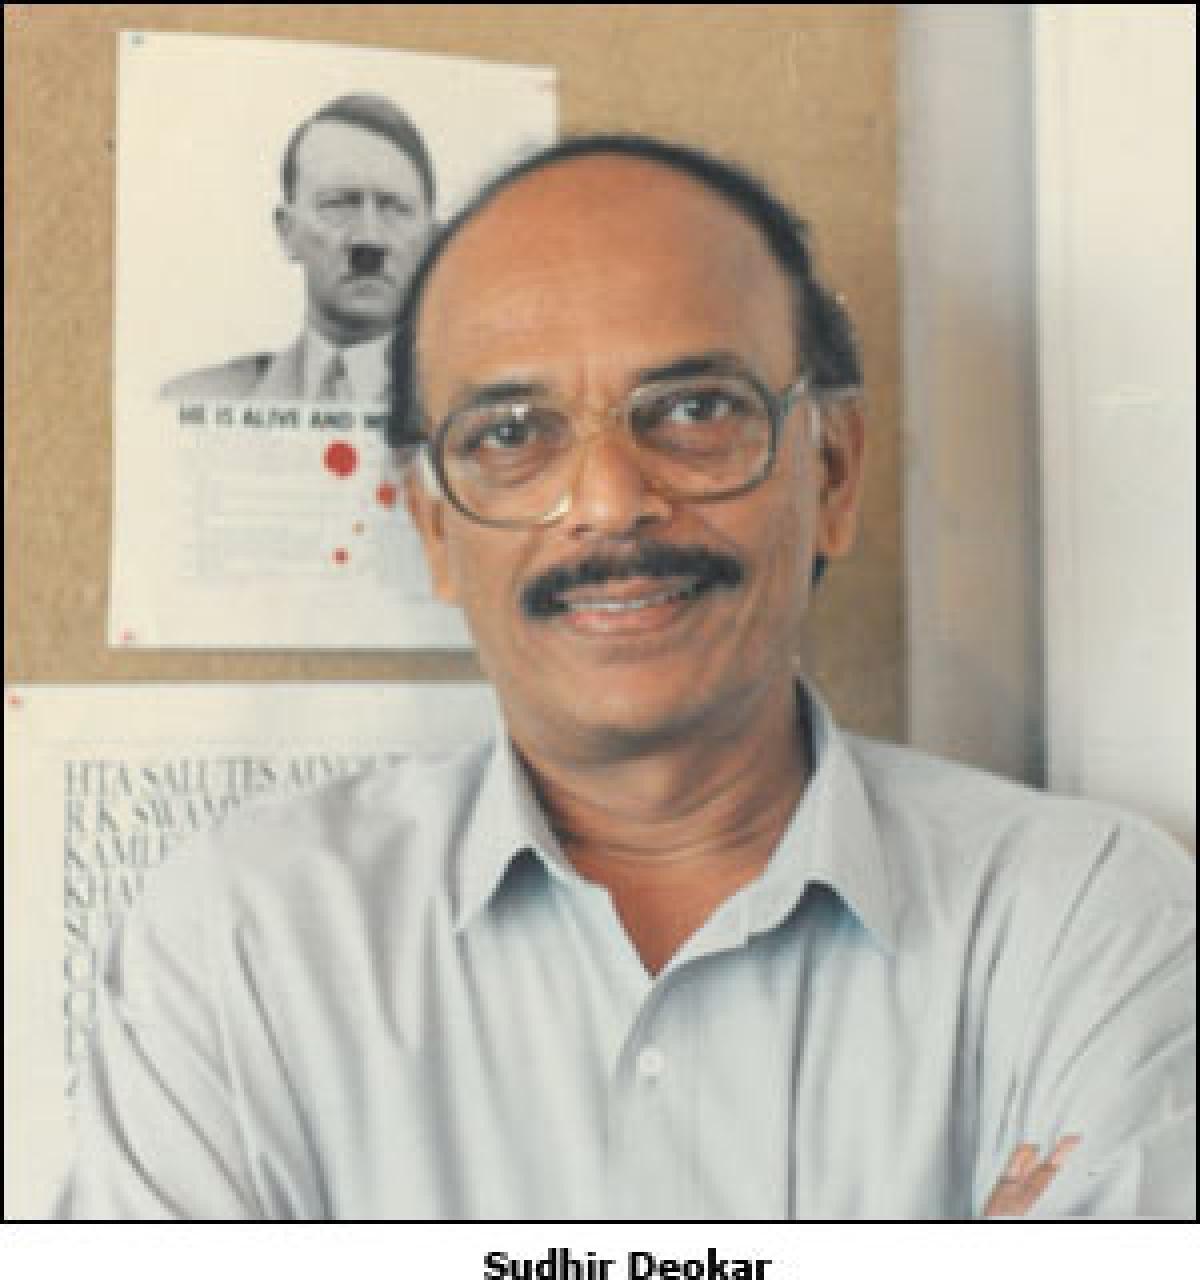 Sudhir Deokar passes away